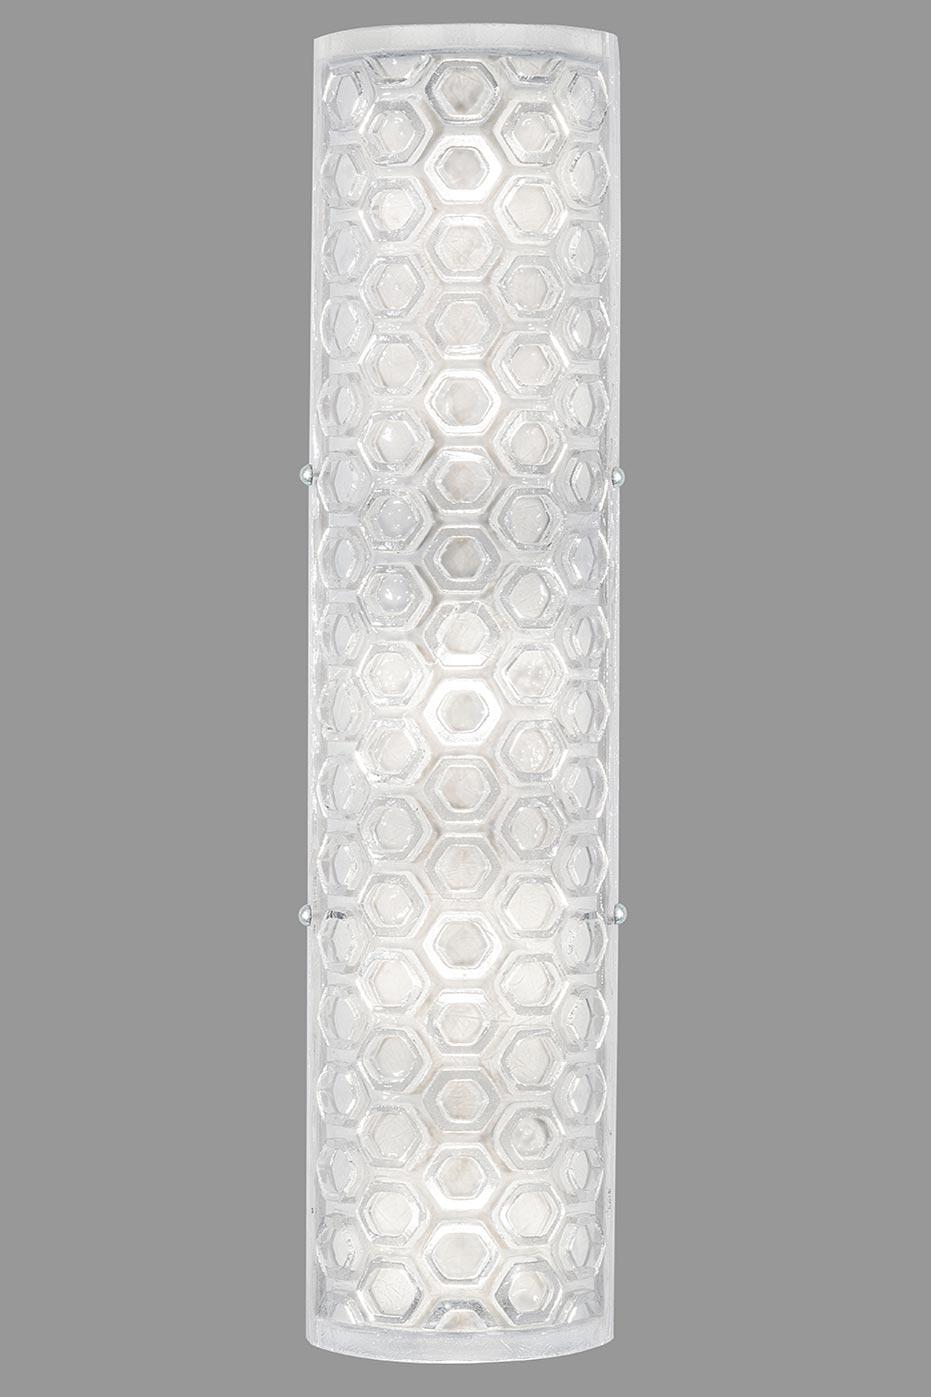 http://www.vraimentbeau.com/images/fine-art-lamps/longue-applique-interieur-ou-exterieur-en-verre-transparent-et-led-hexagons-classique-design-16090048R.jpg